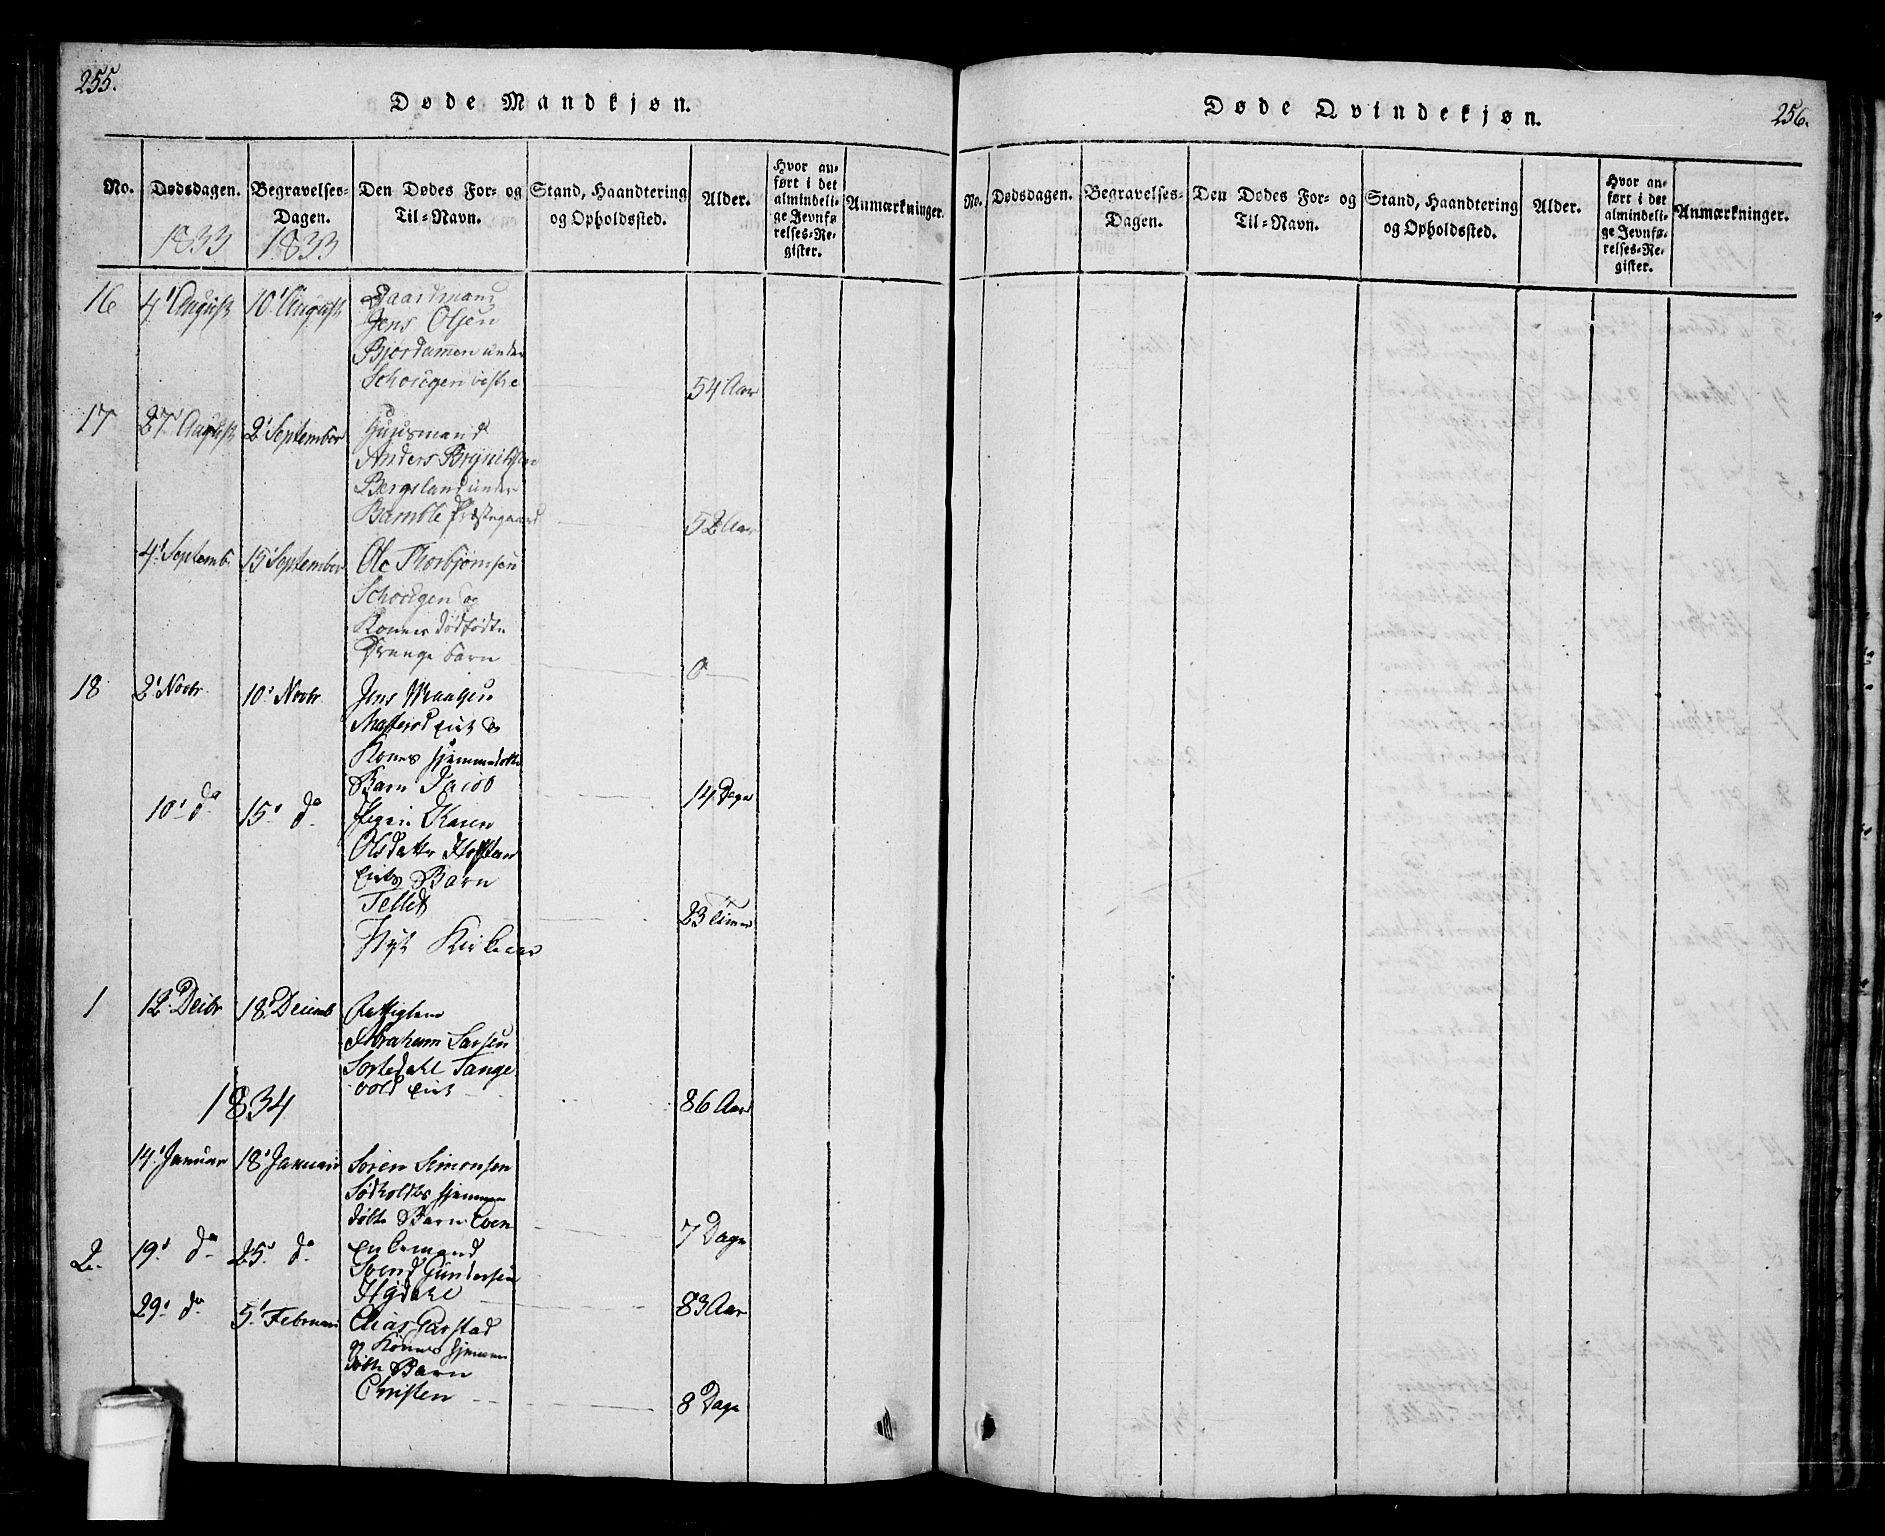 SAKO, Bamble kirkebøker, G/Ga/L0005: Klokkerbok nr. I 5, 1814-1855, s. 255-256